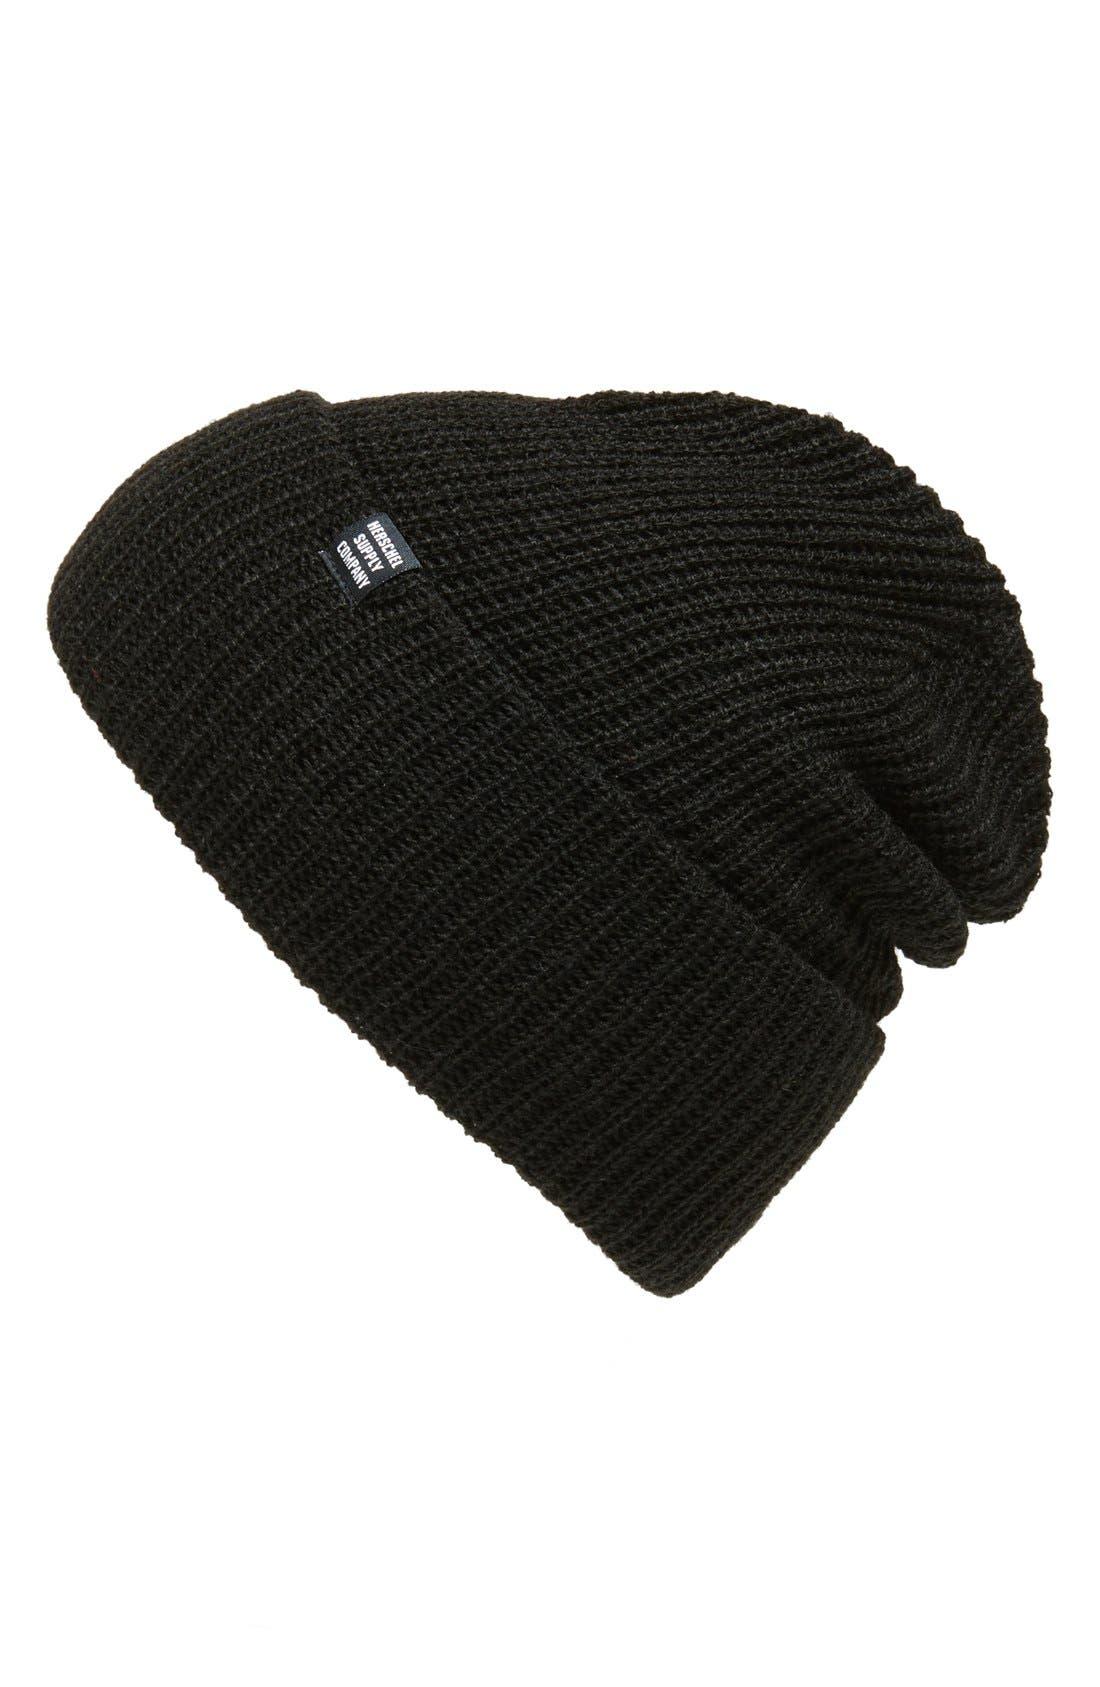 'Quartz' Solid Knit Cap,                             Main thumbnail 2, color,